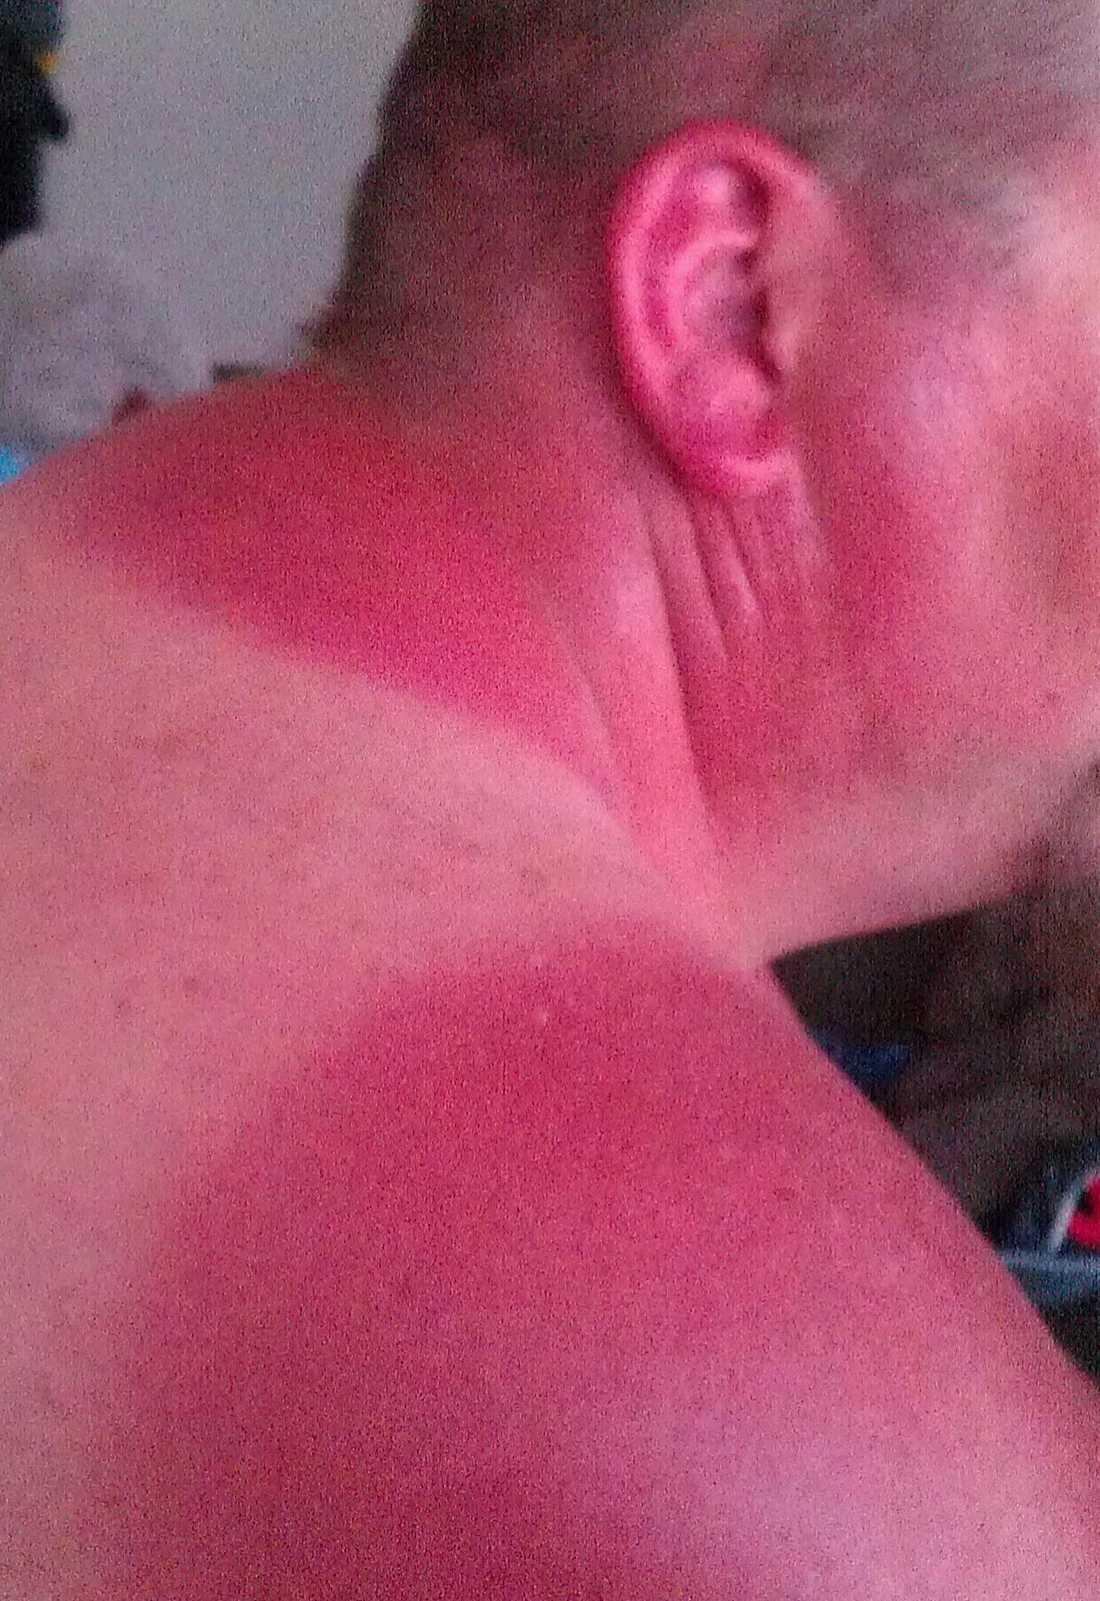 Vinden kan vara förrädisk. Den här mannen snickrade på en stuga hela dagen, men en svalkande bris gjorde att han inte kände hur mycket solen tog.